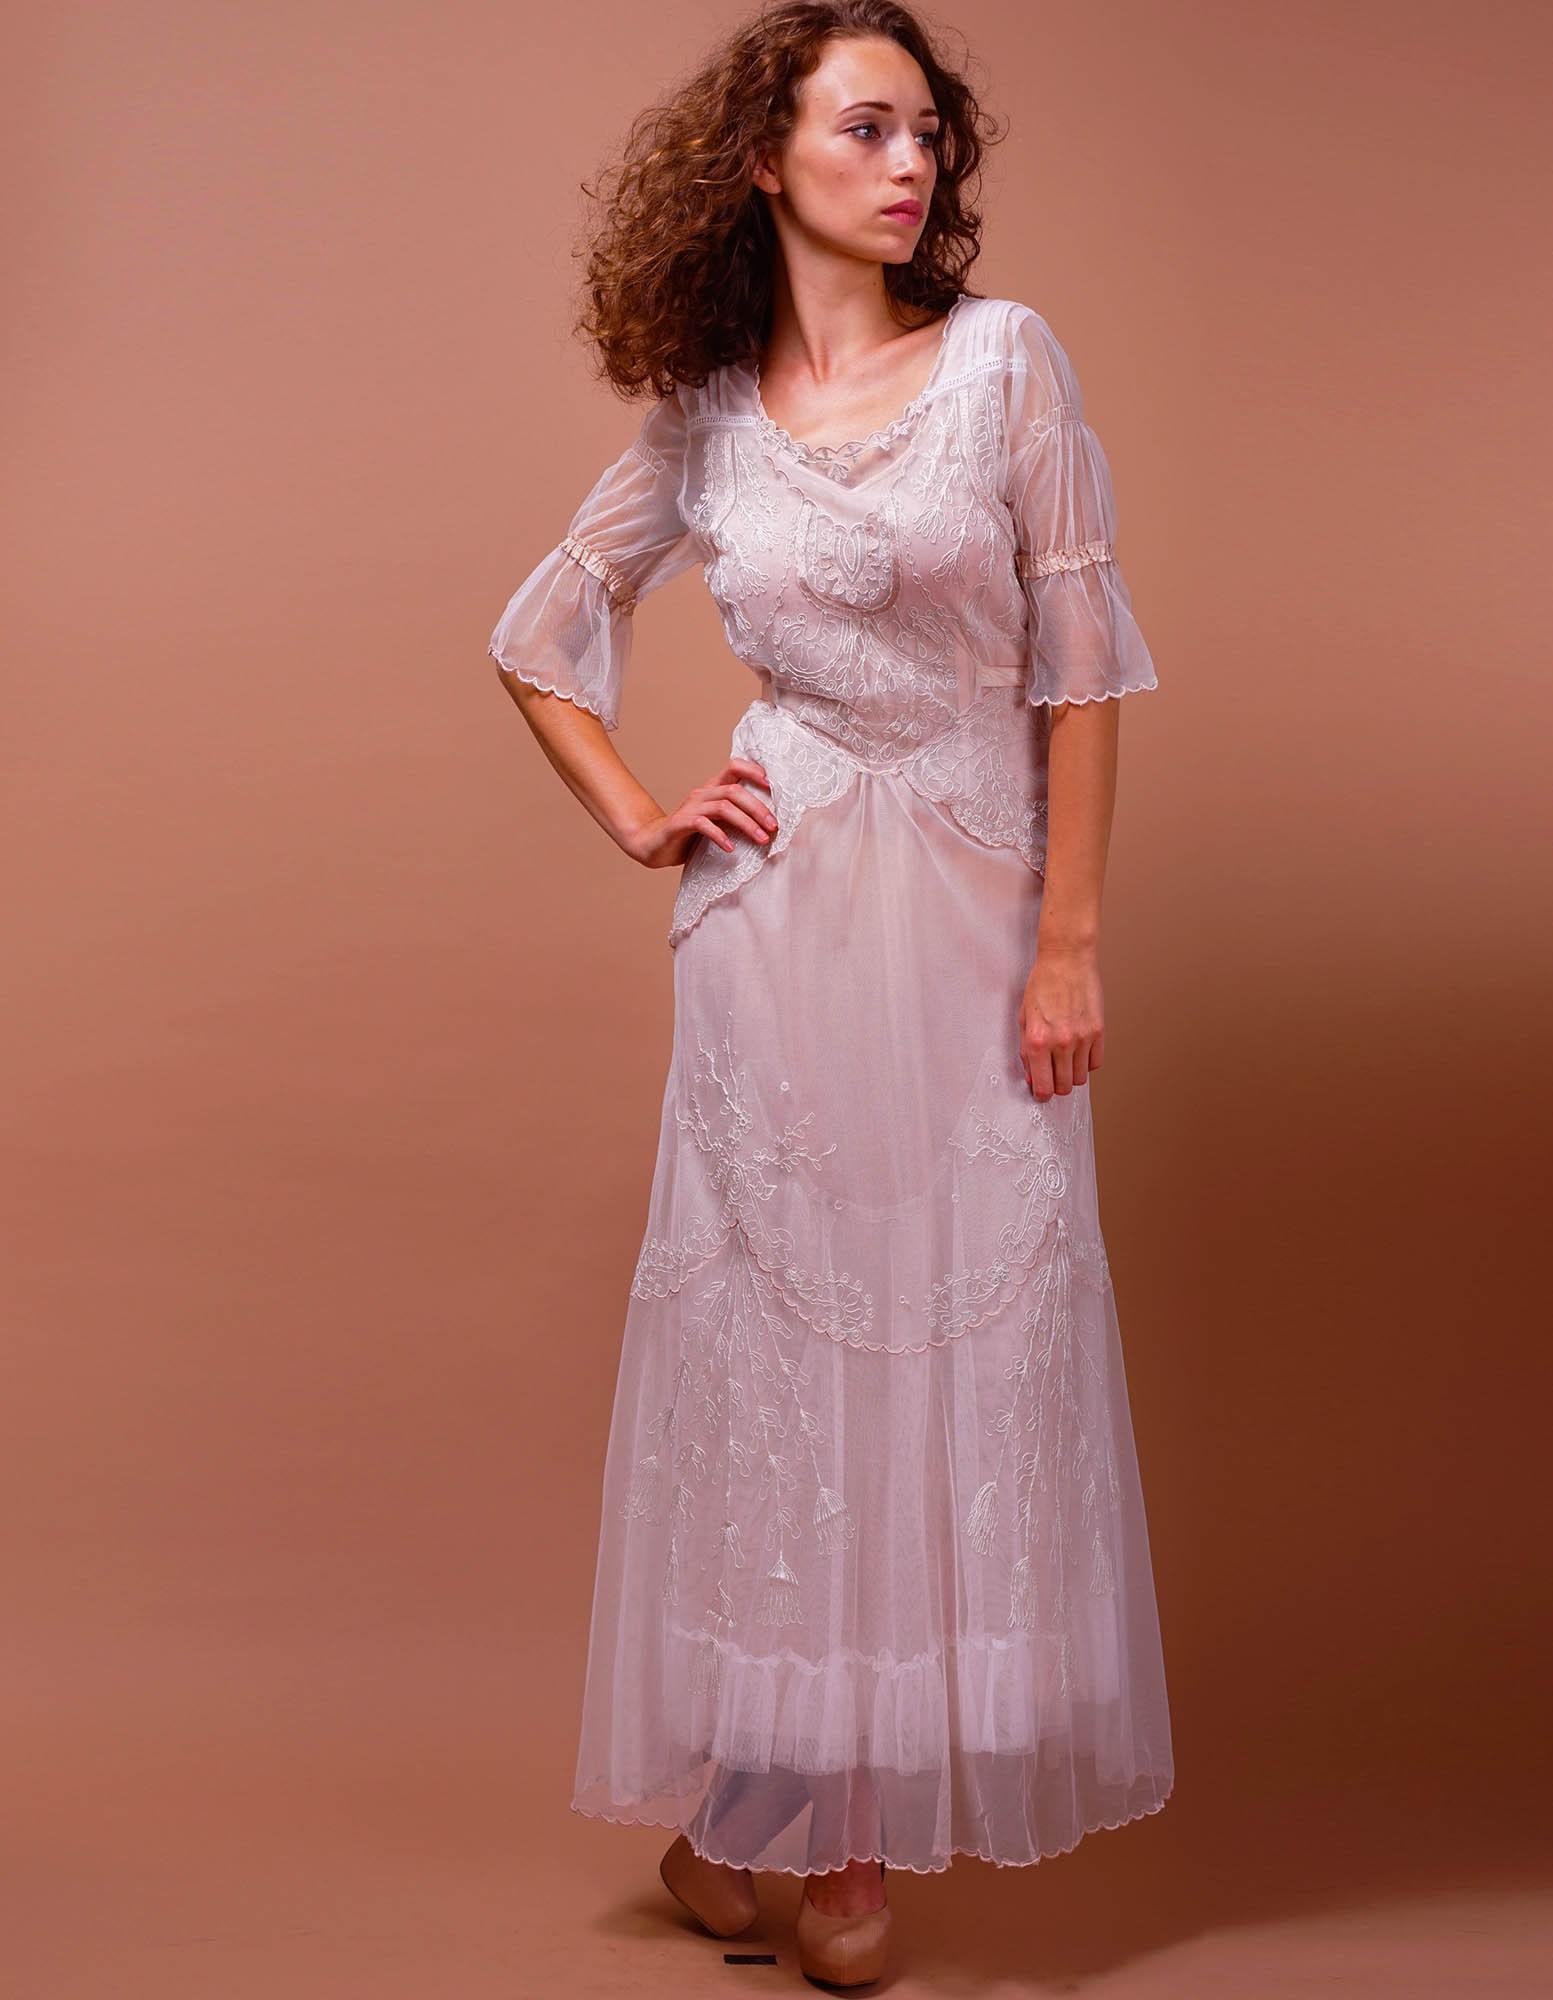 Fullsize Of Vintage Inspired Dresses